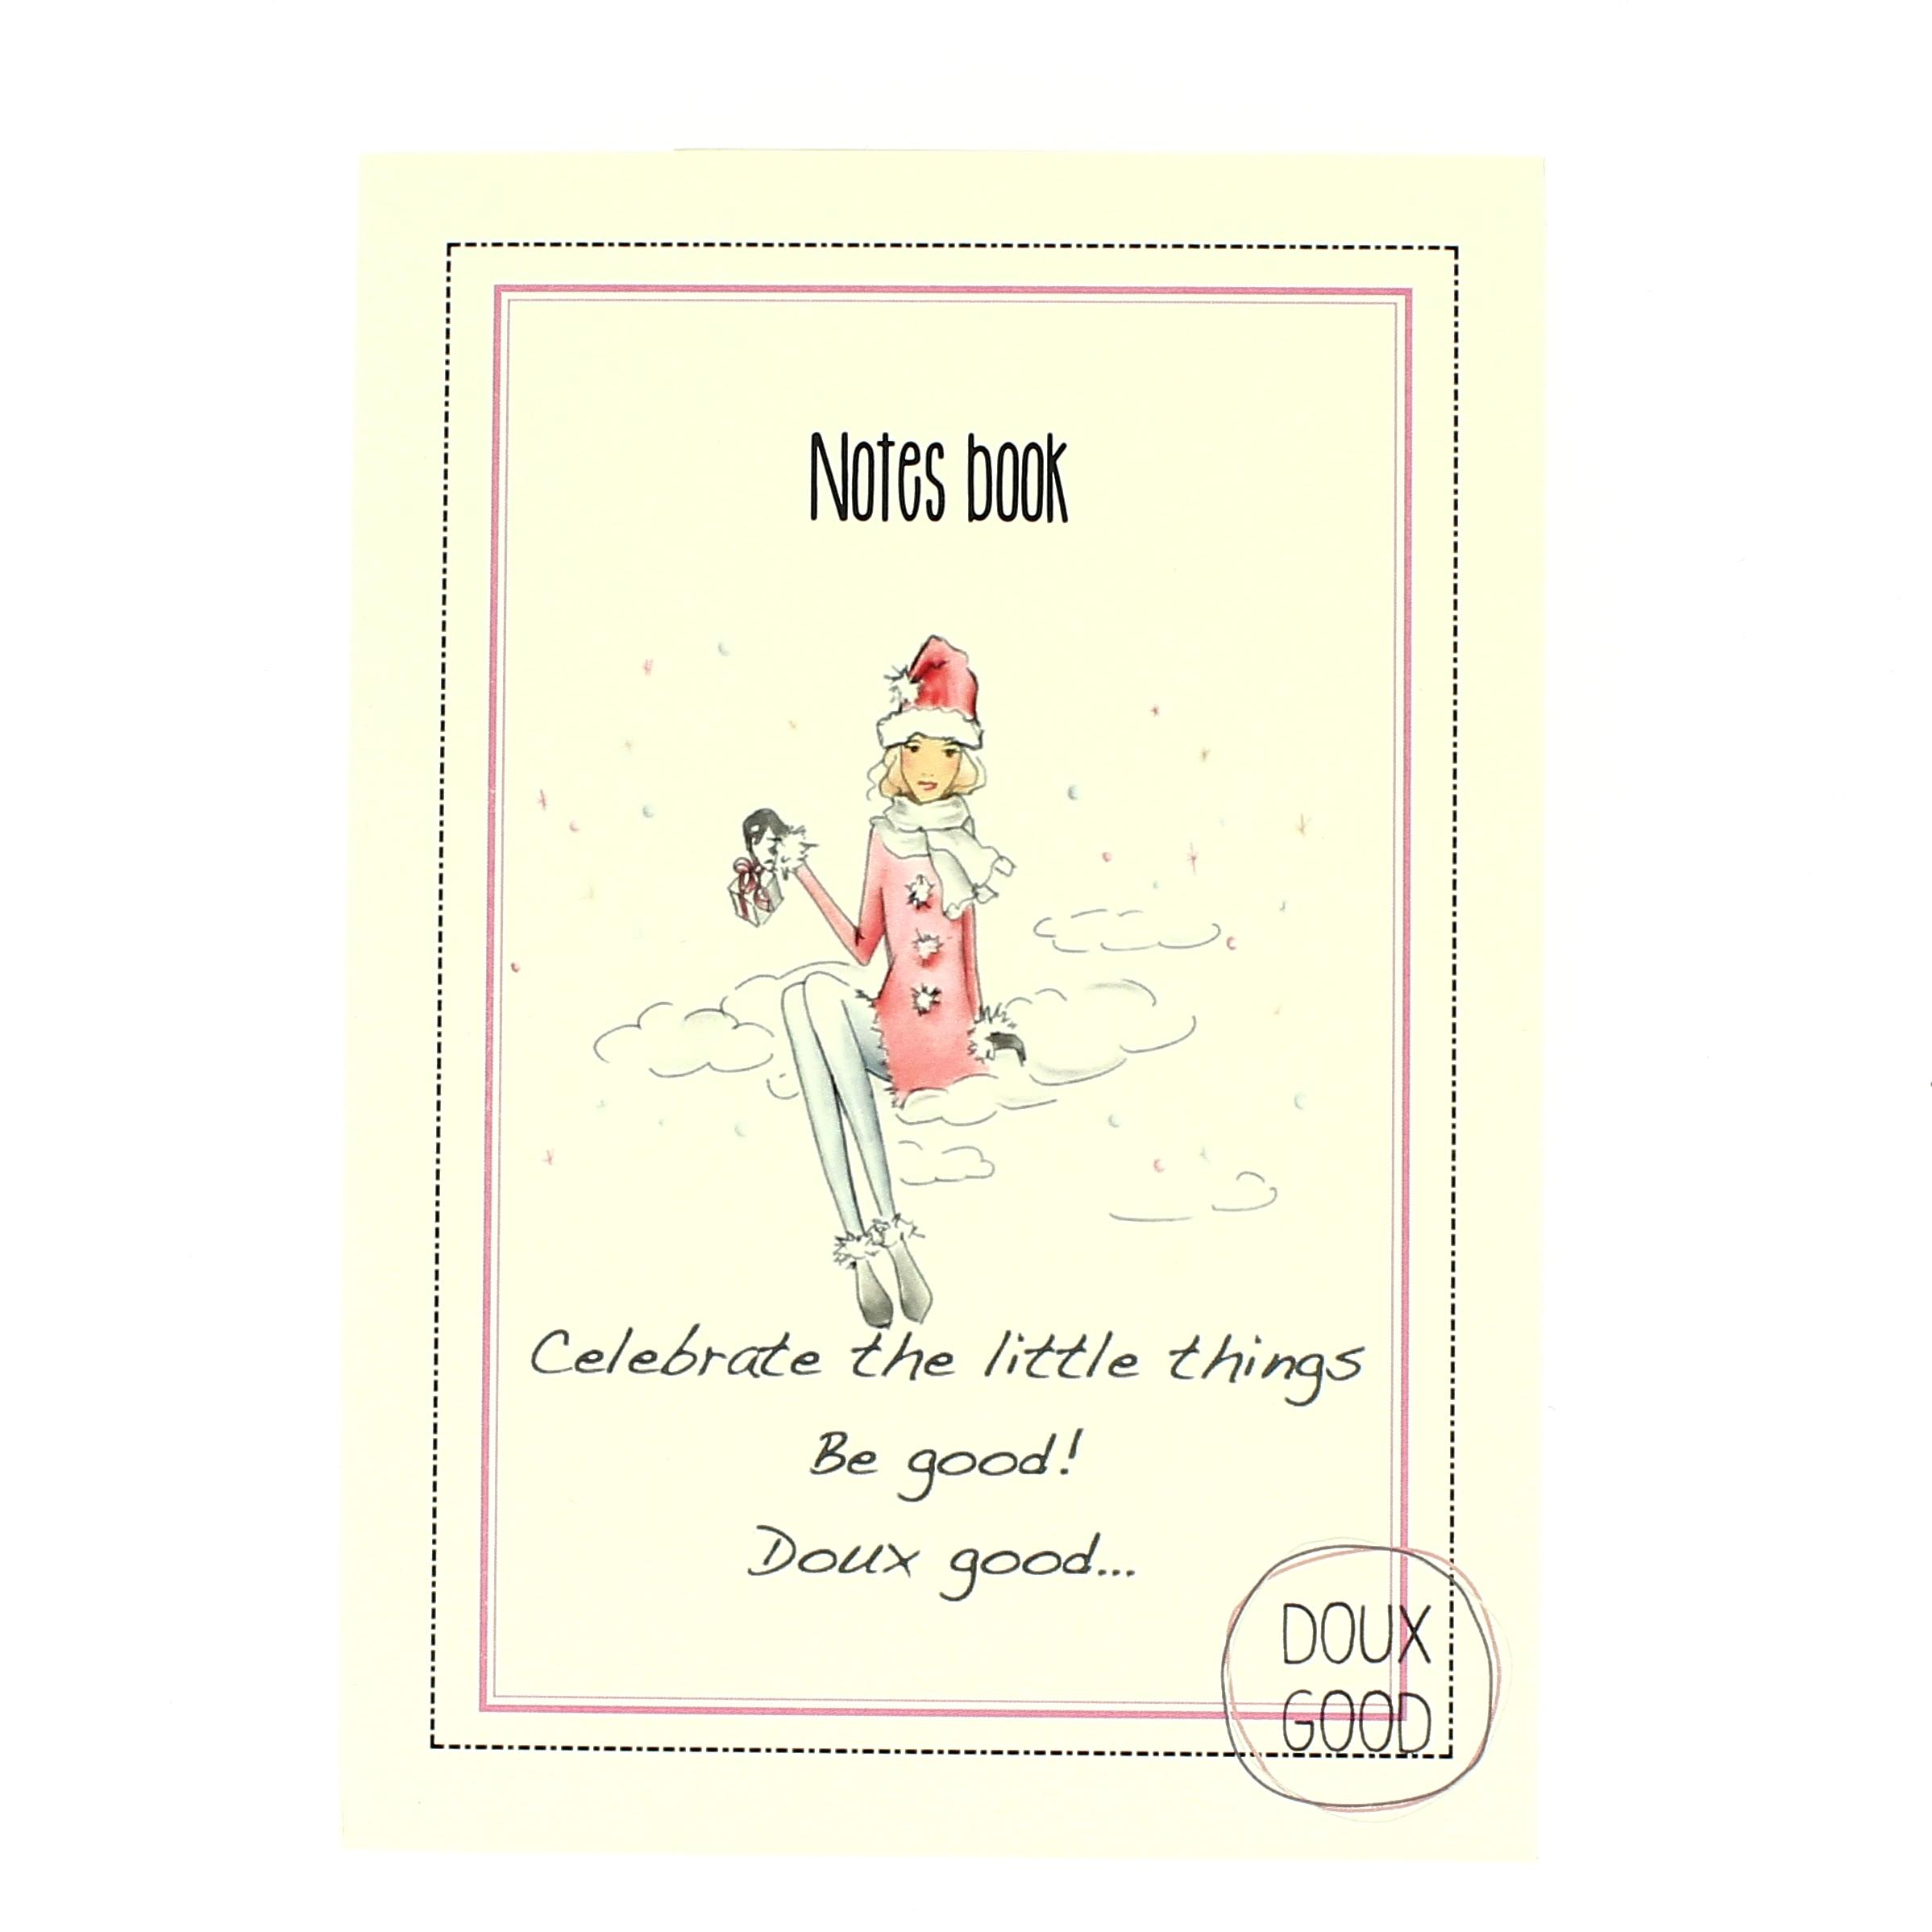 Notes book Doux Good - carnet pour souhaiter un Joyeux Noël